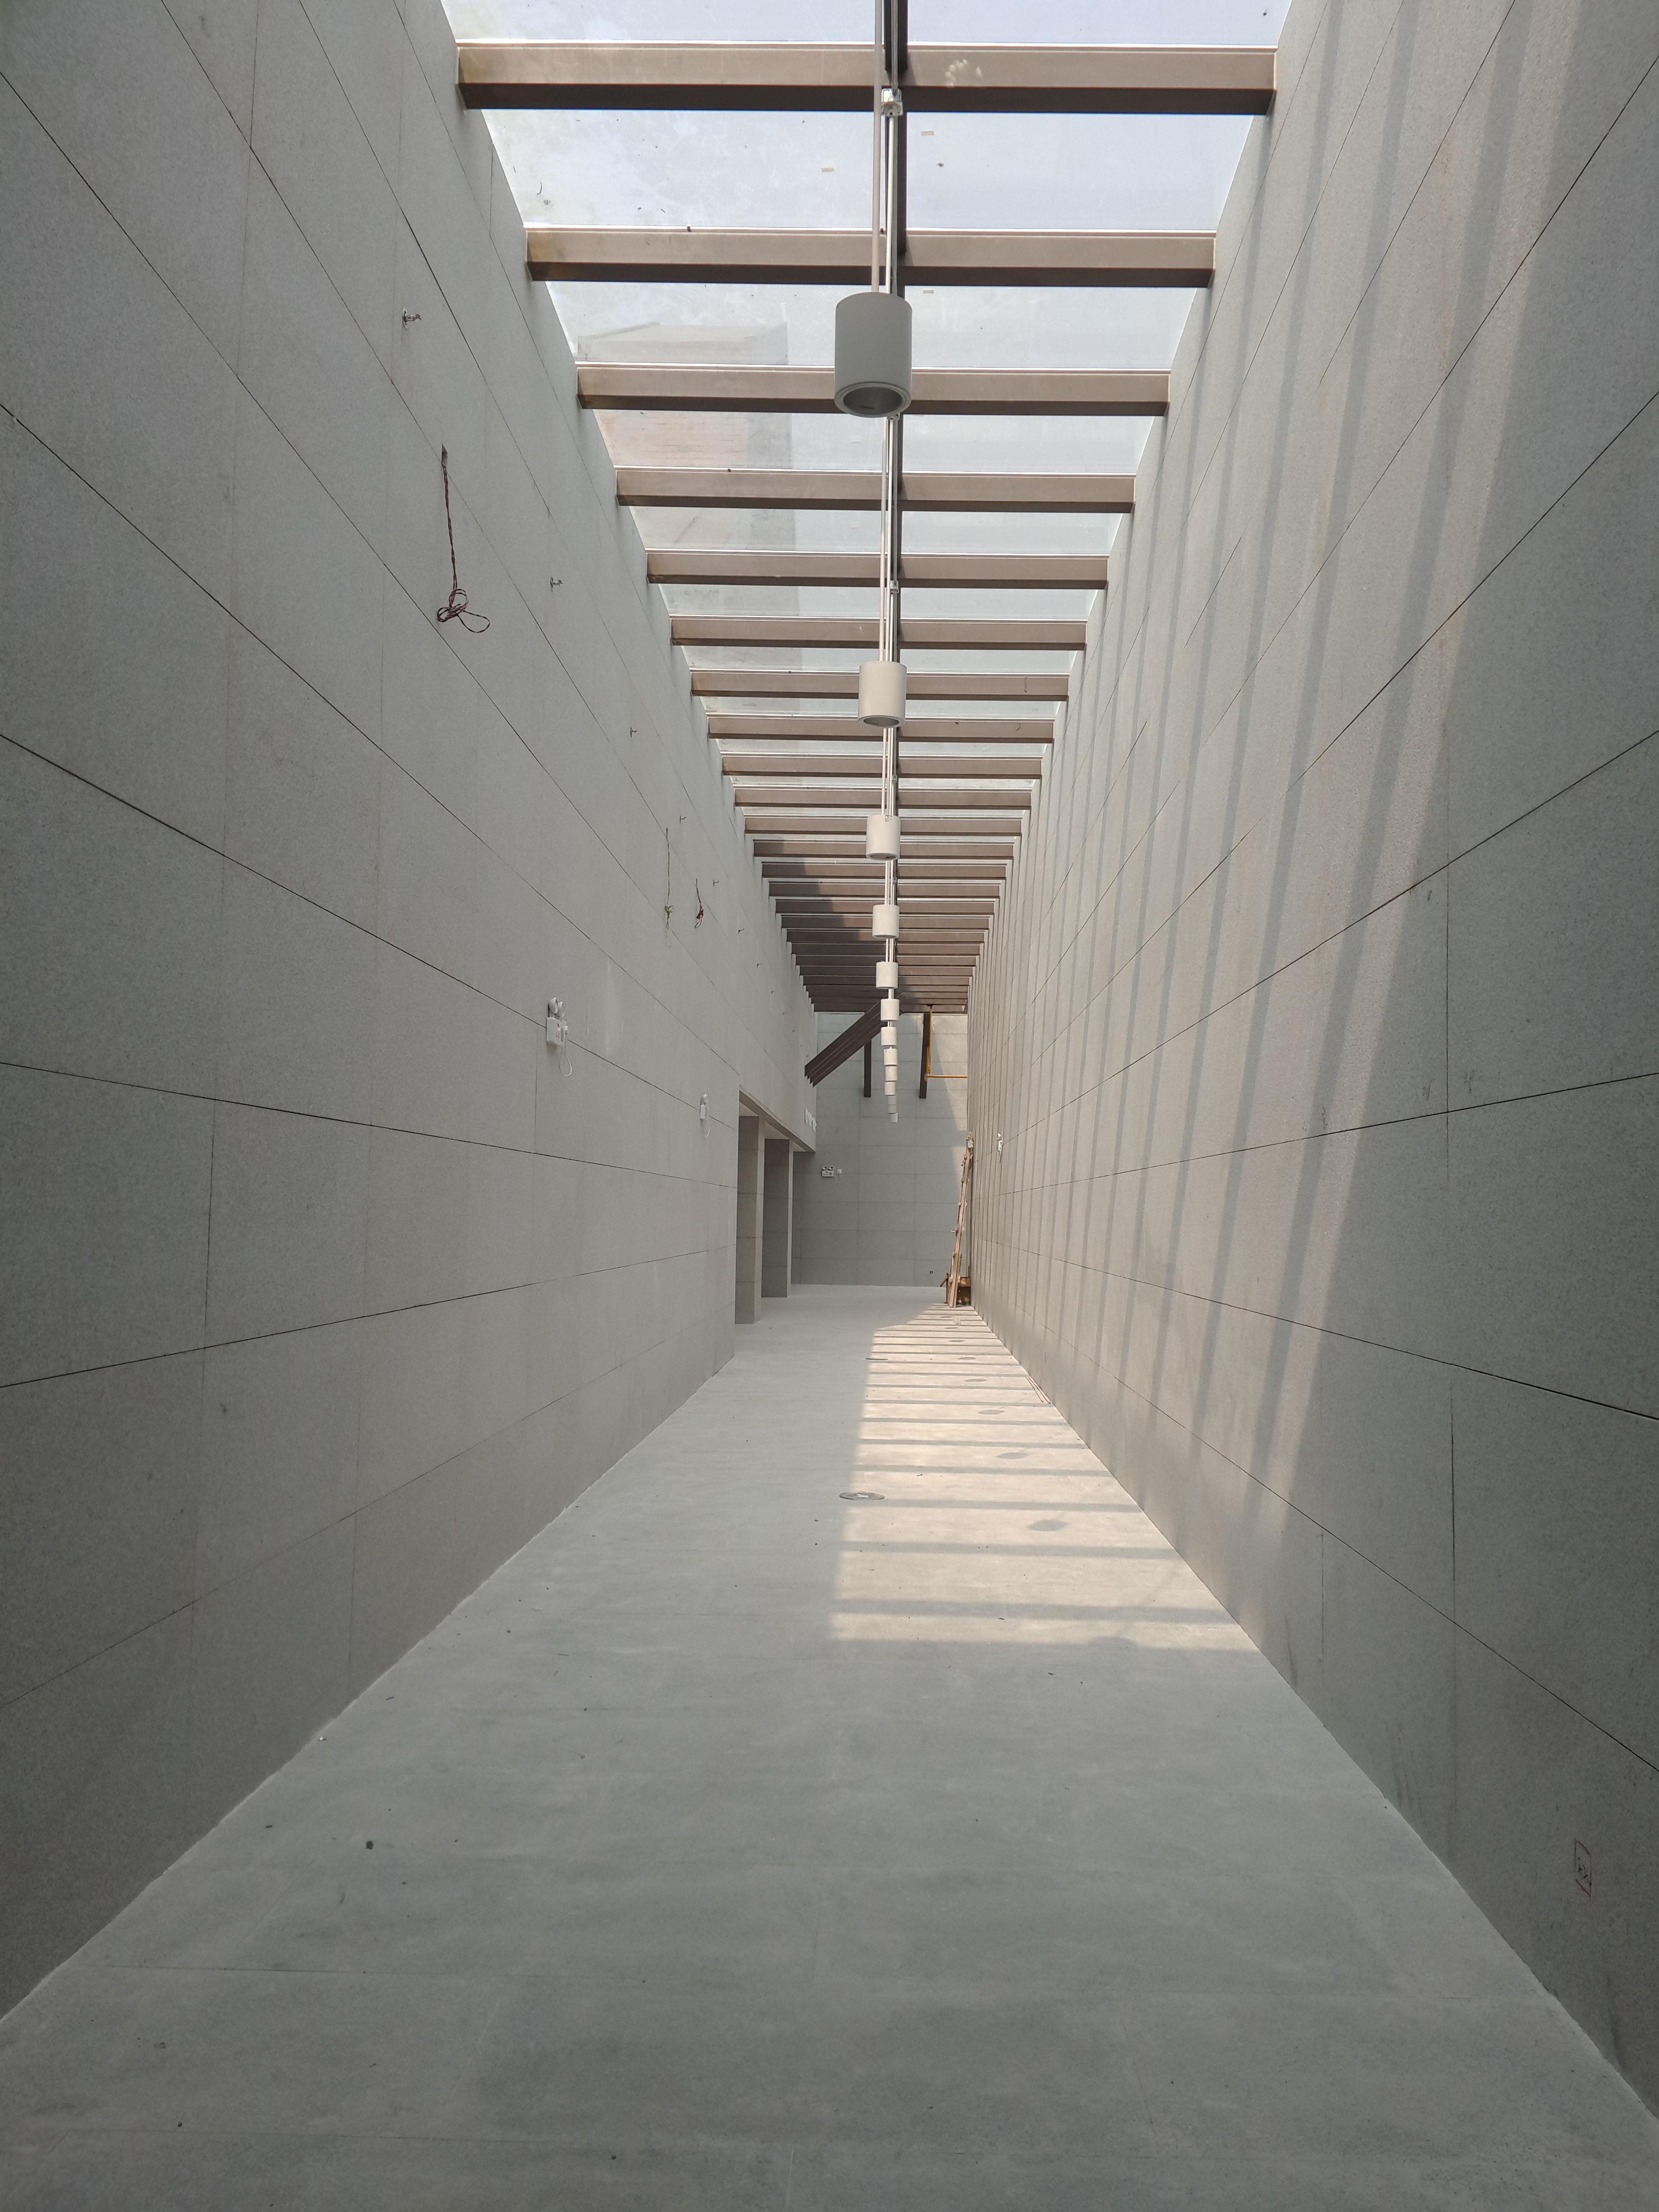 Kostenlose foto : die Architektur, Holz, Stock, Mauer, U-Bahn, Halle ...